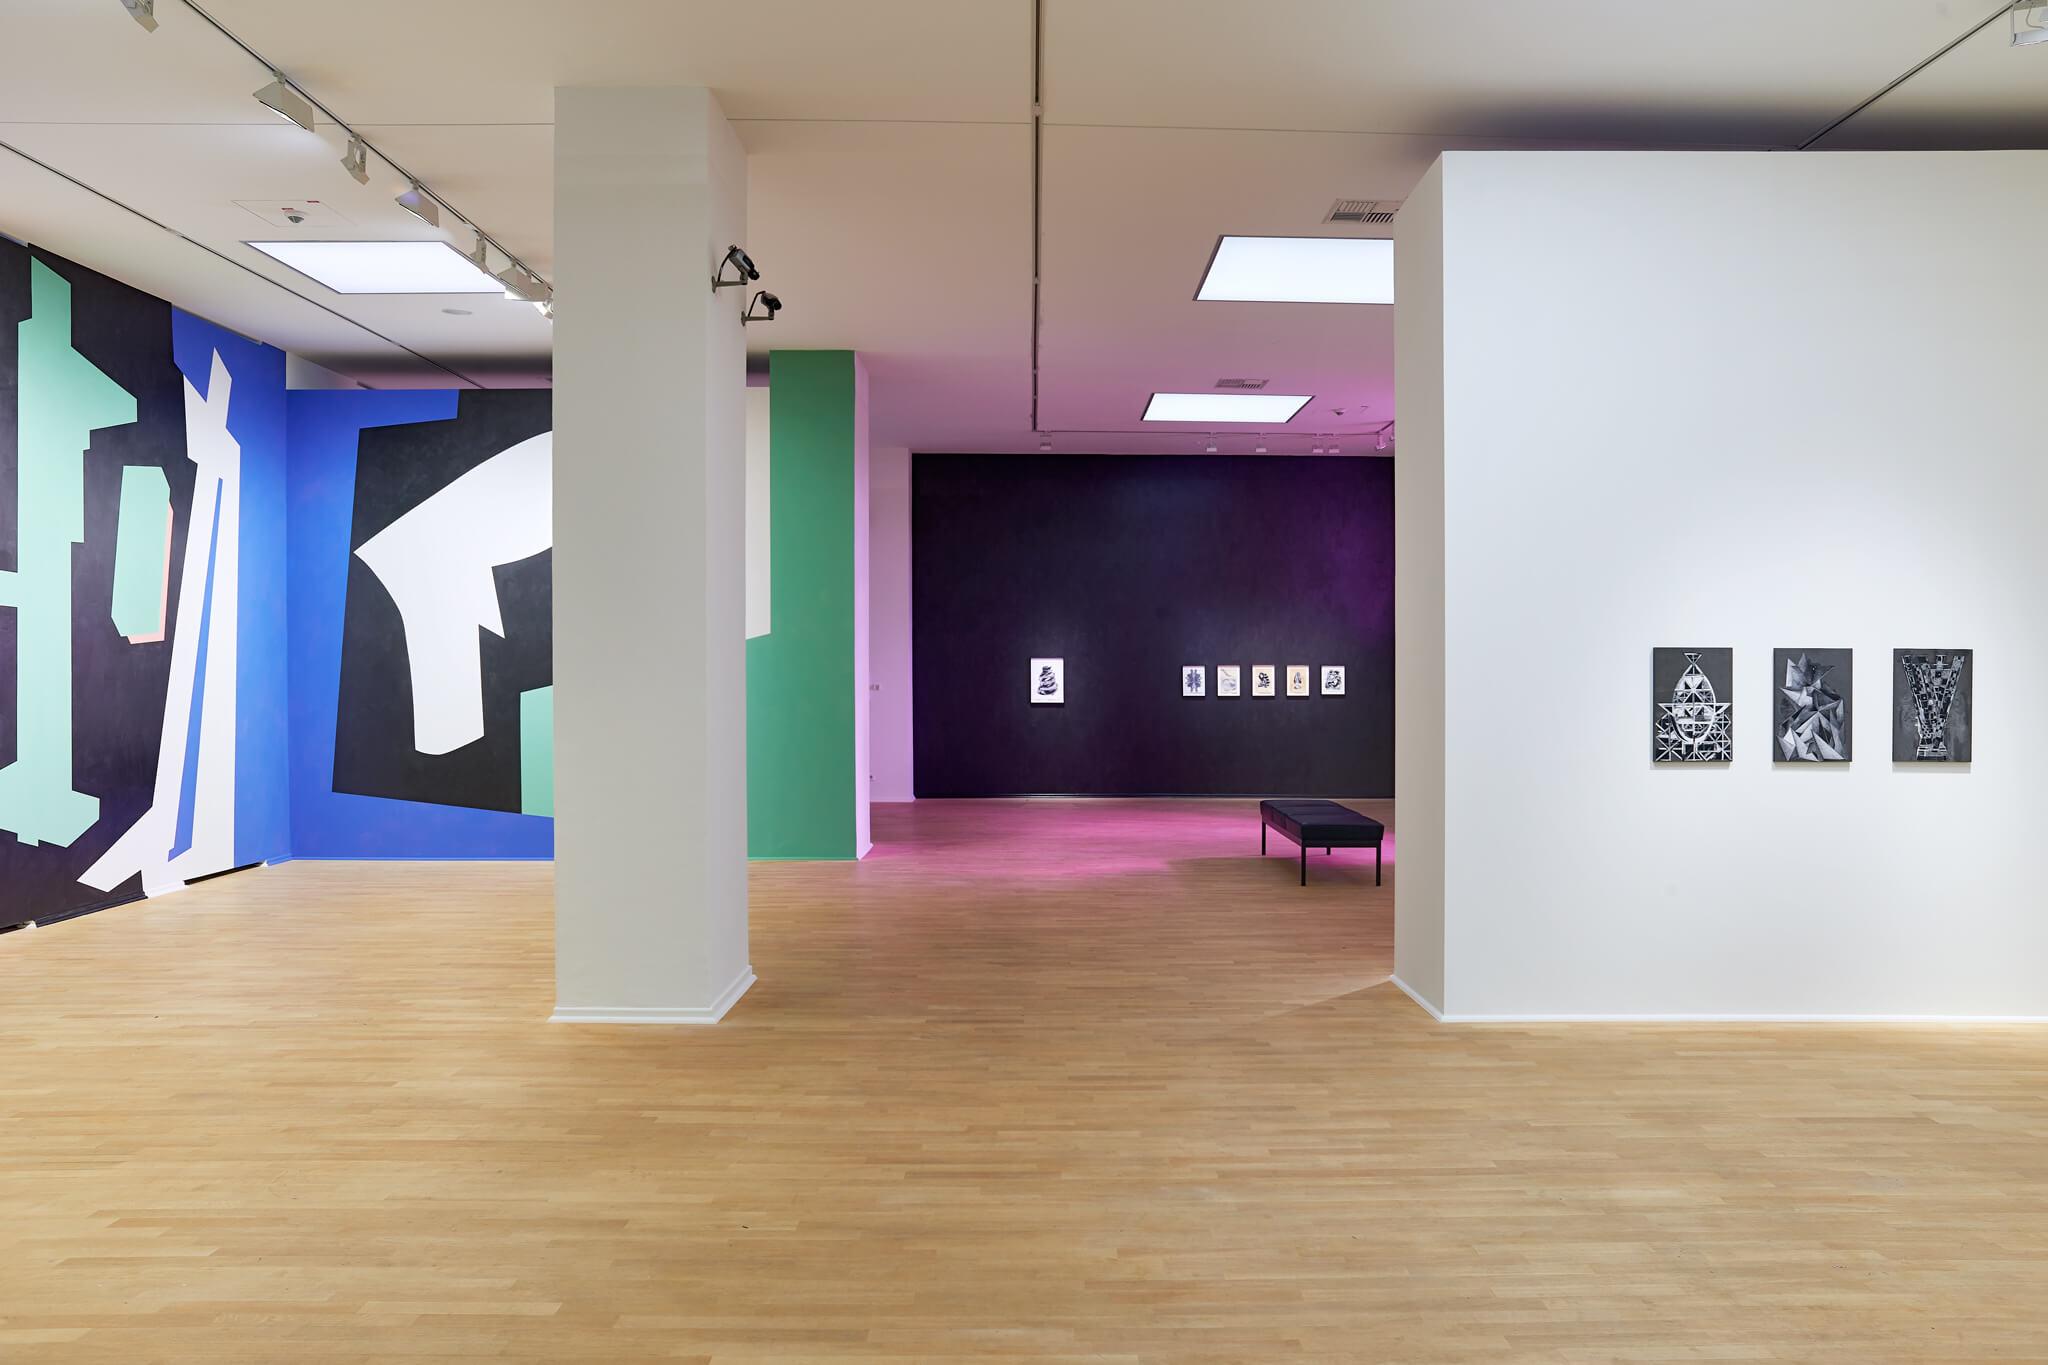 94_Frauke-Dannert_Collage_Installation_Mehrfachbelichtung_Ohne-Titel_Museum-Kunstpalast_2016